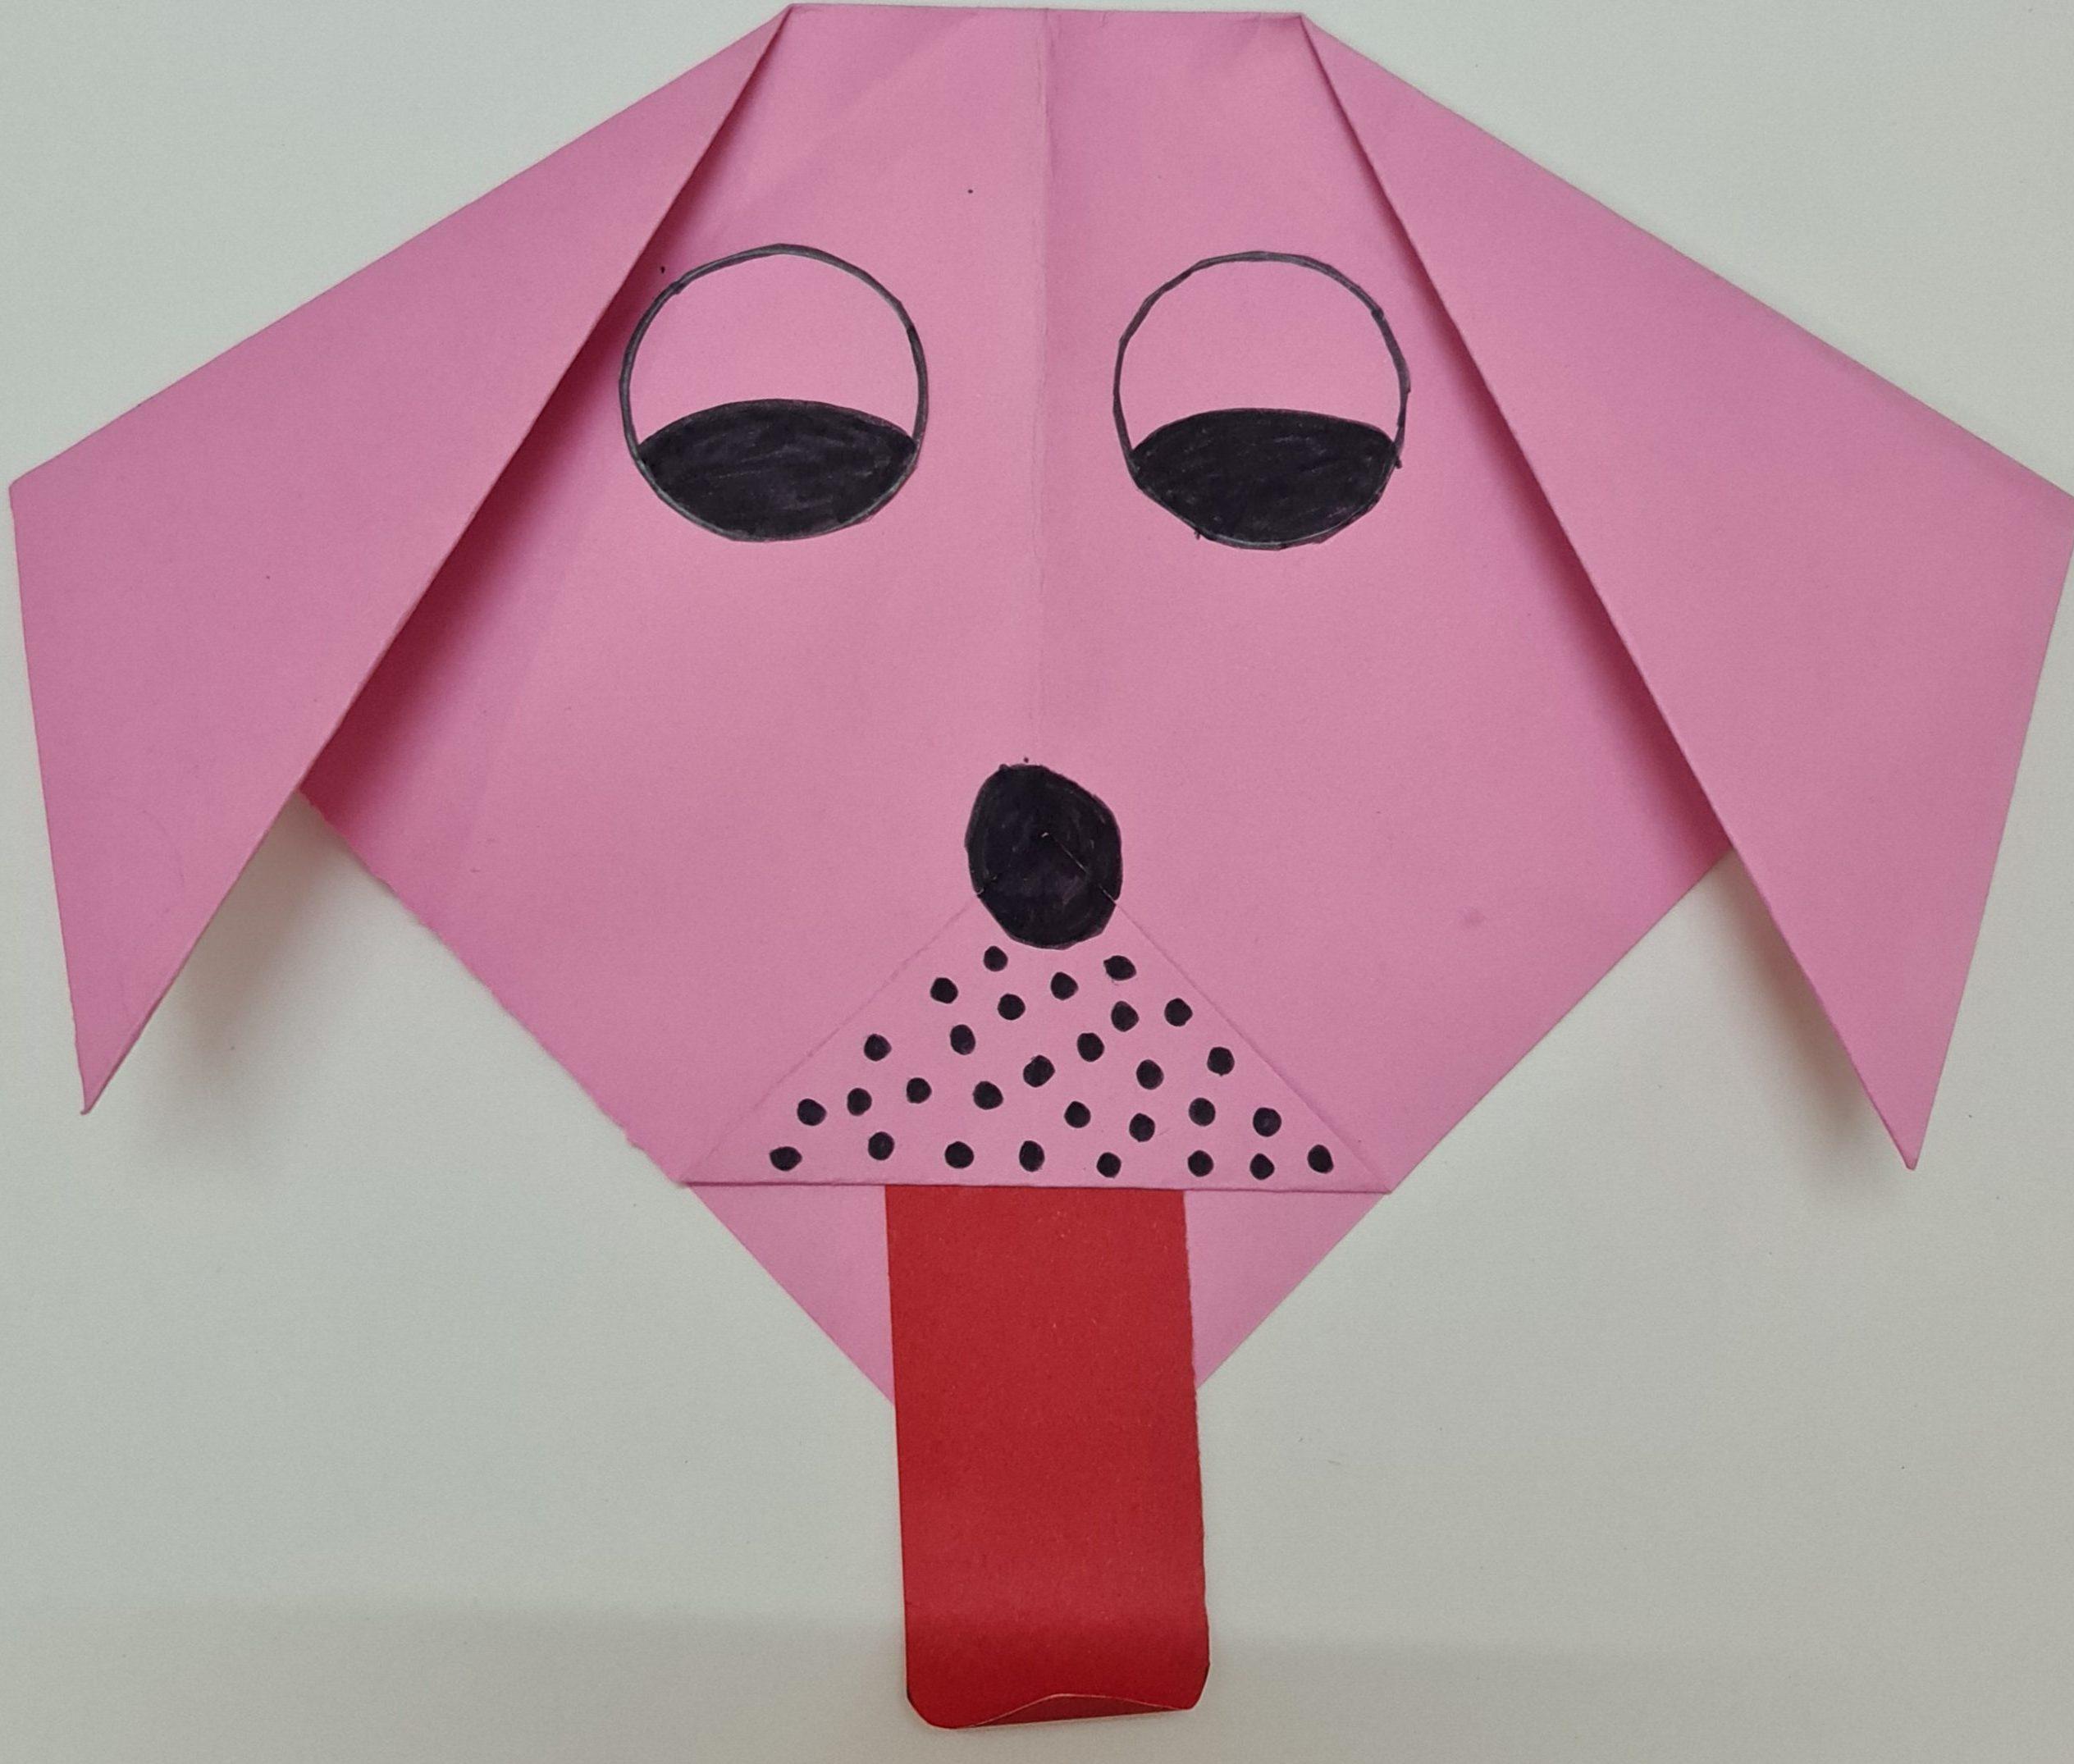 Image depicting Dog Face